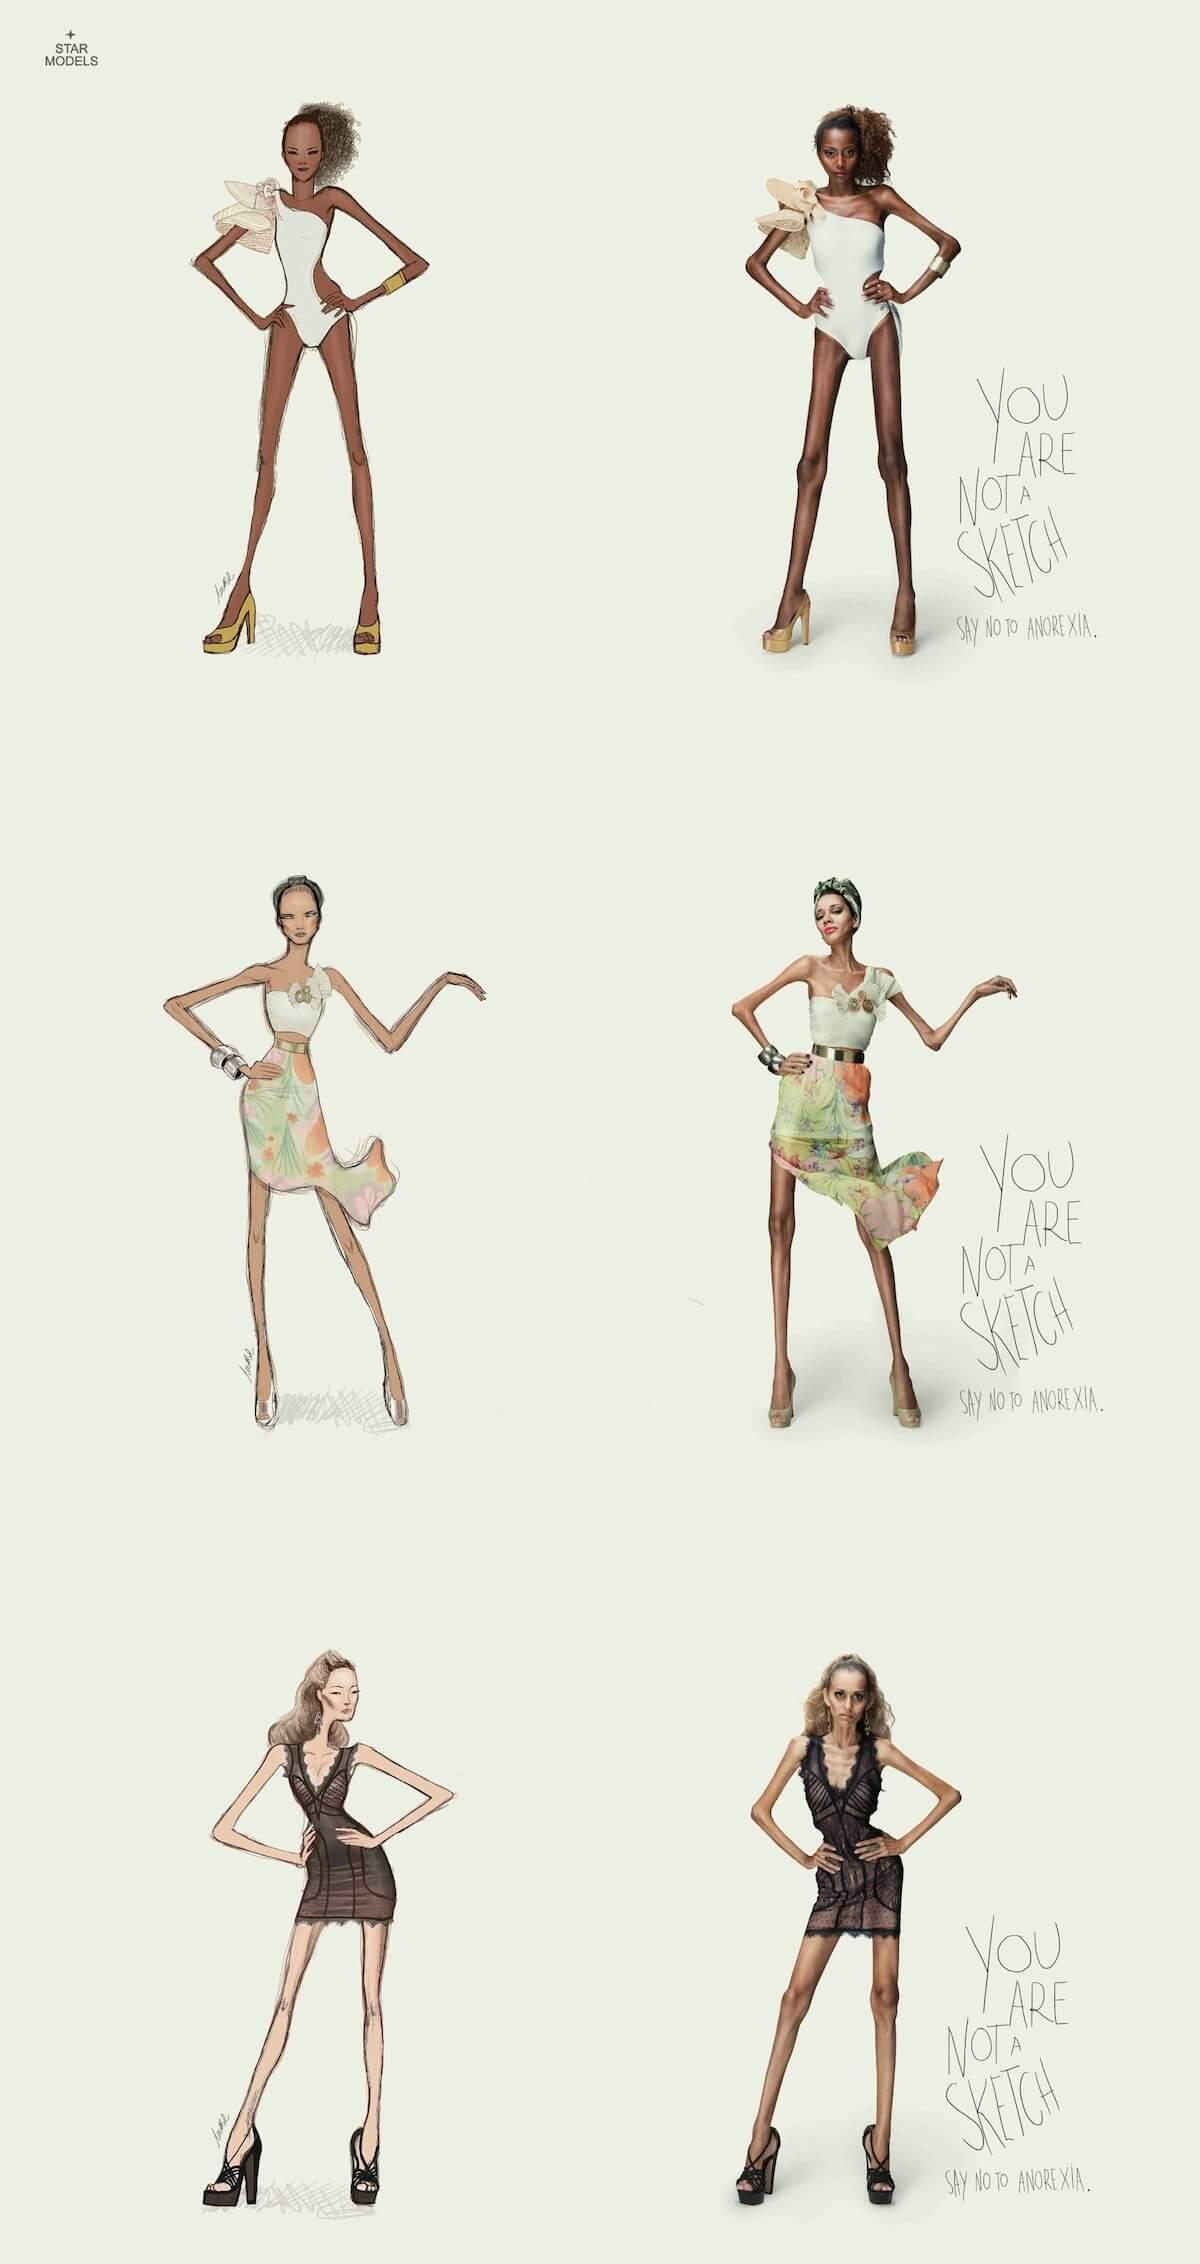 Anorexia-kampania